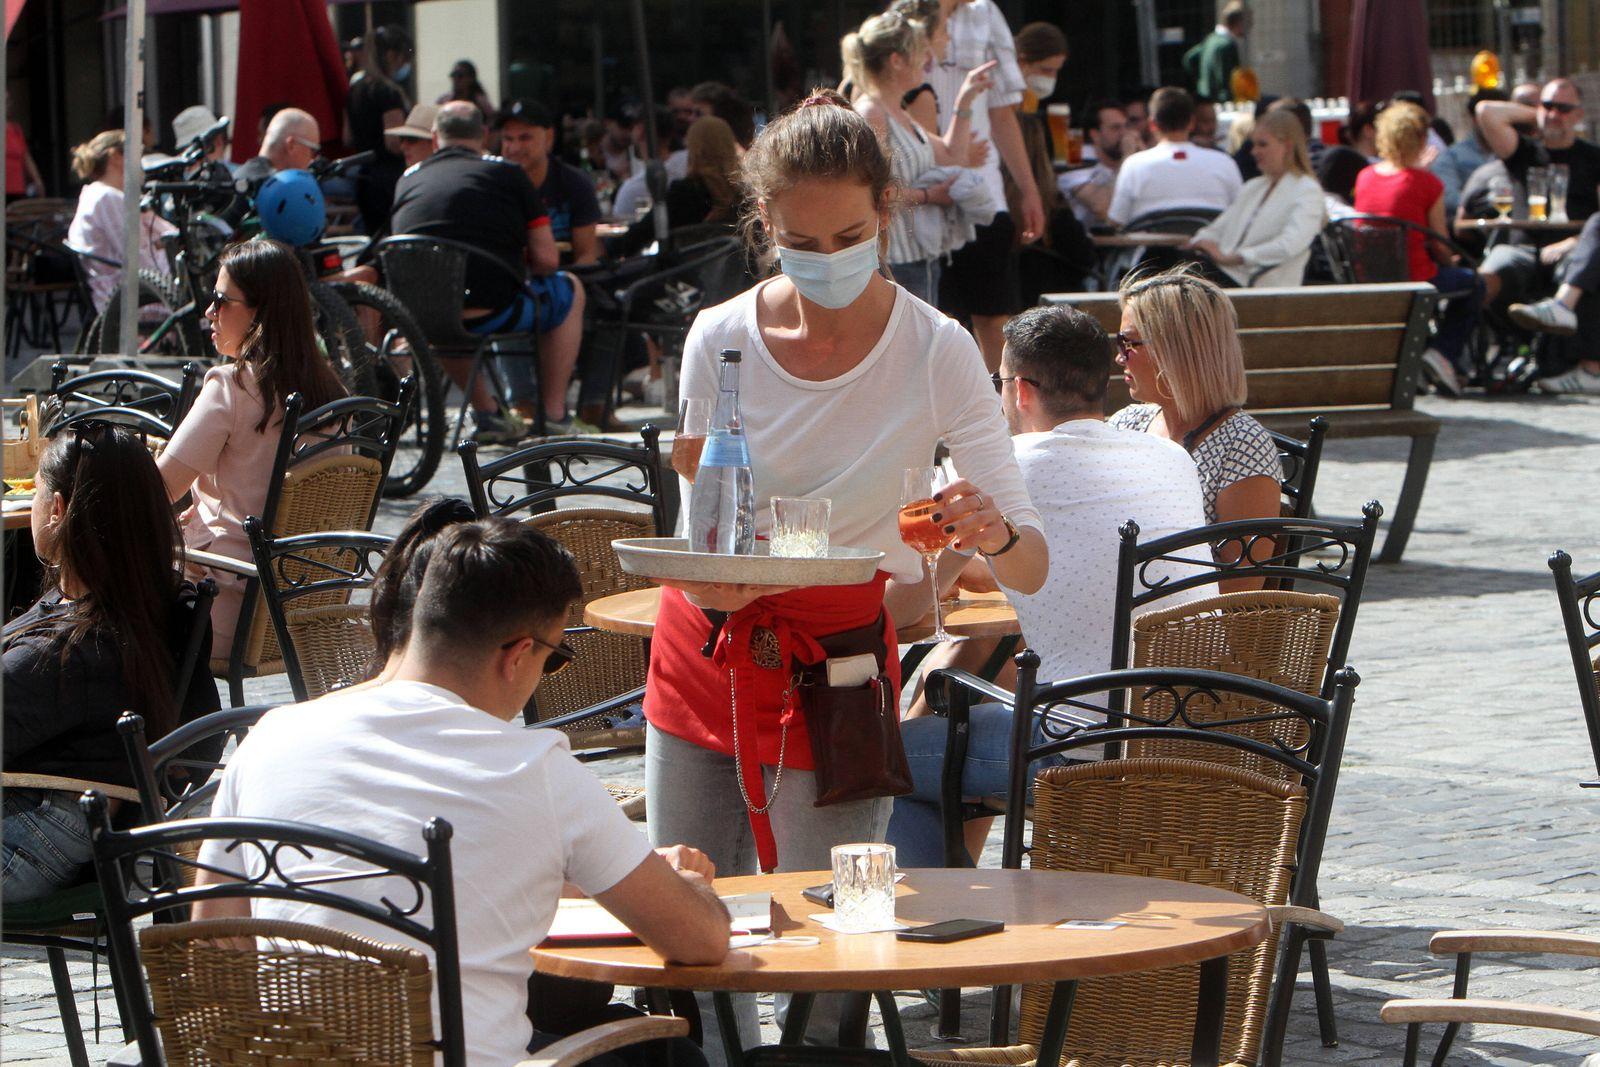 Aufgrund anhaltend niedriger Inzidenzen in Heidelberg durften gastronomische Betriebe ihren Außenbereich wieder öffnen,